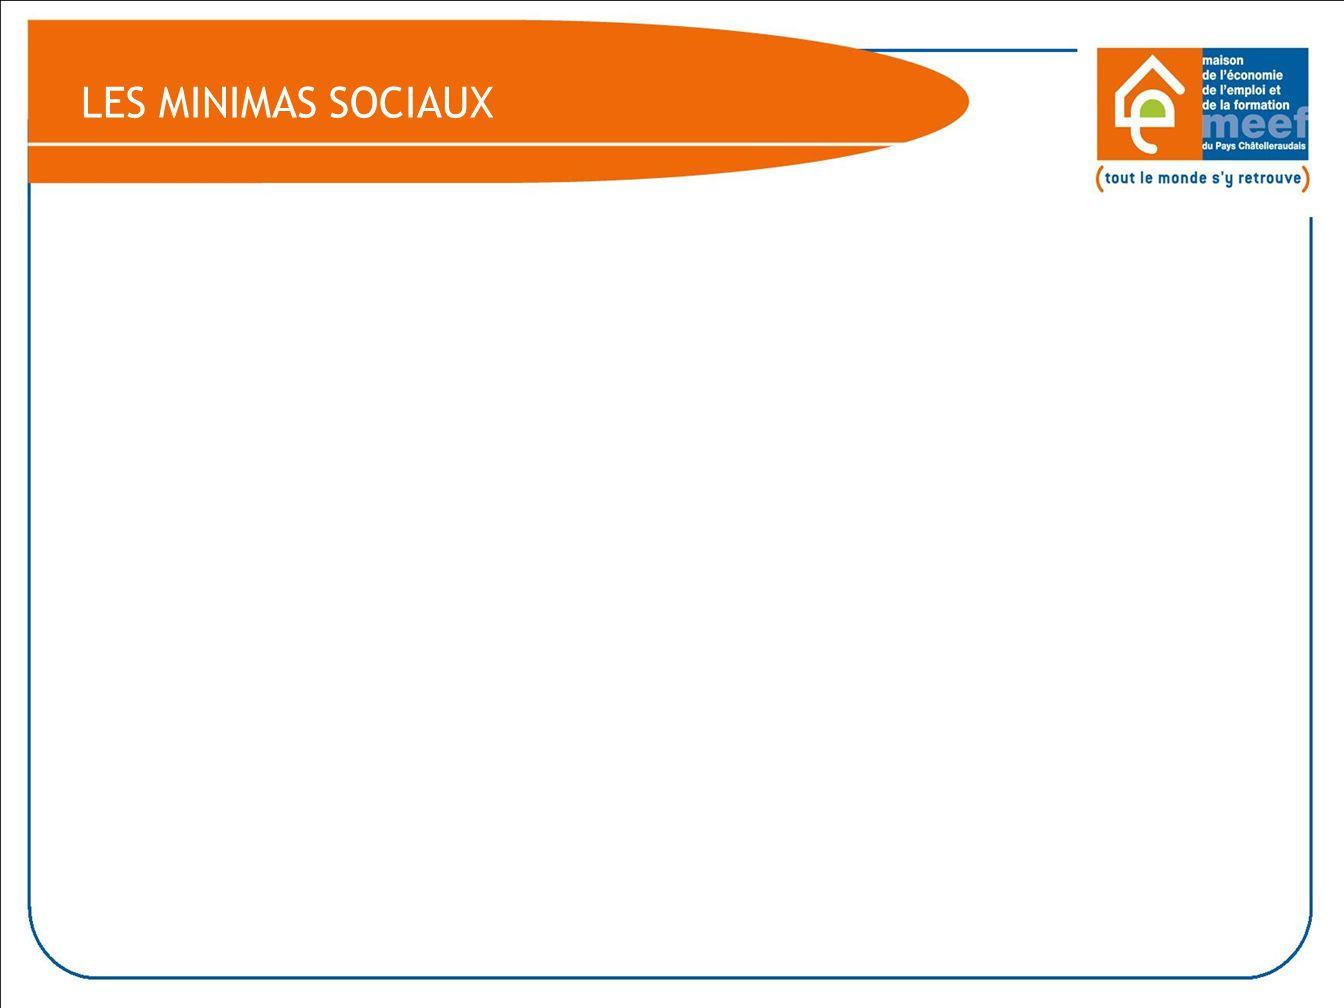 LES MINIMAS SOCIAUX